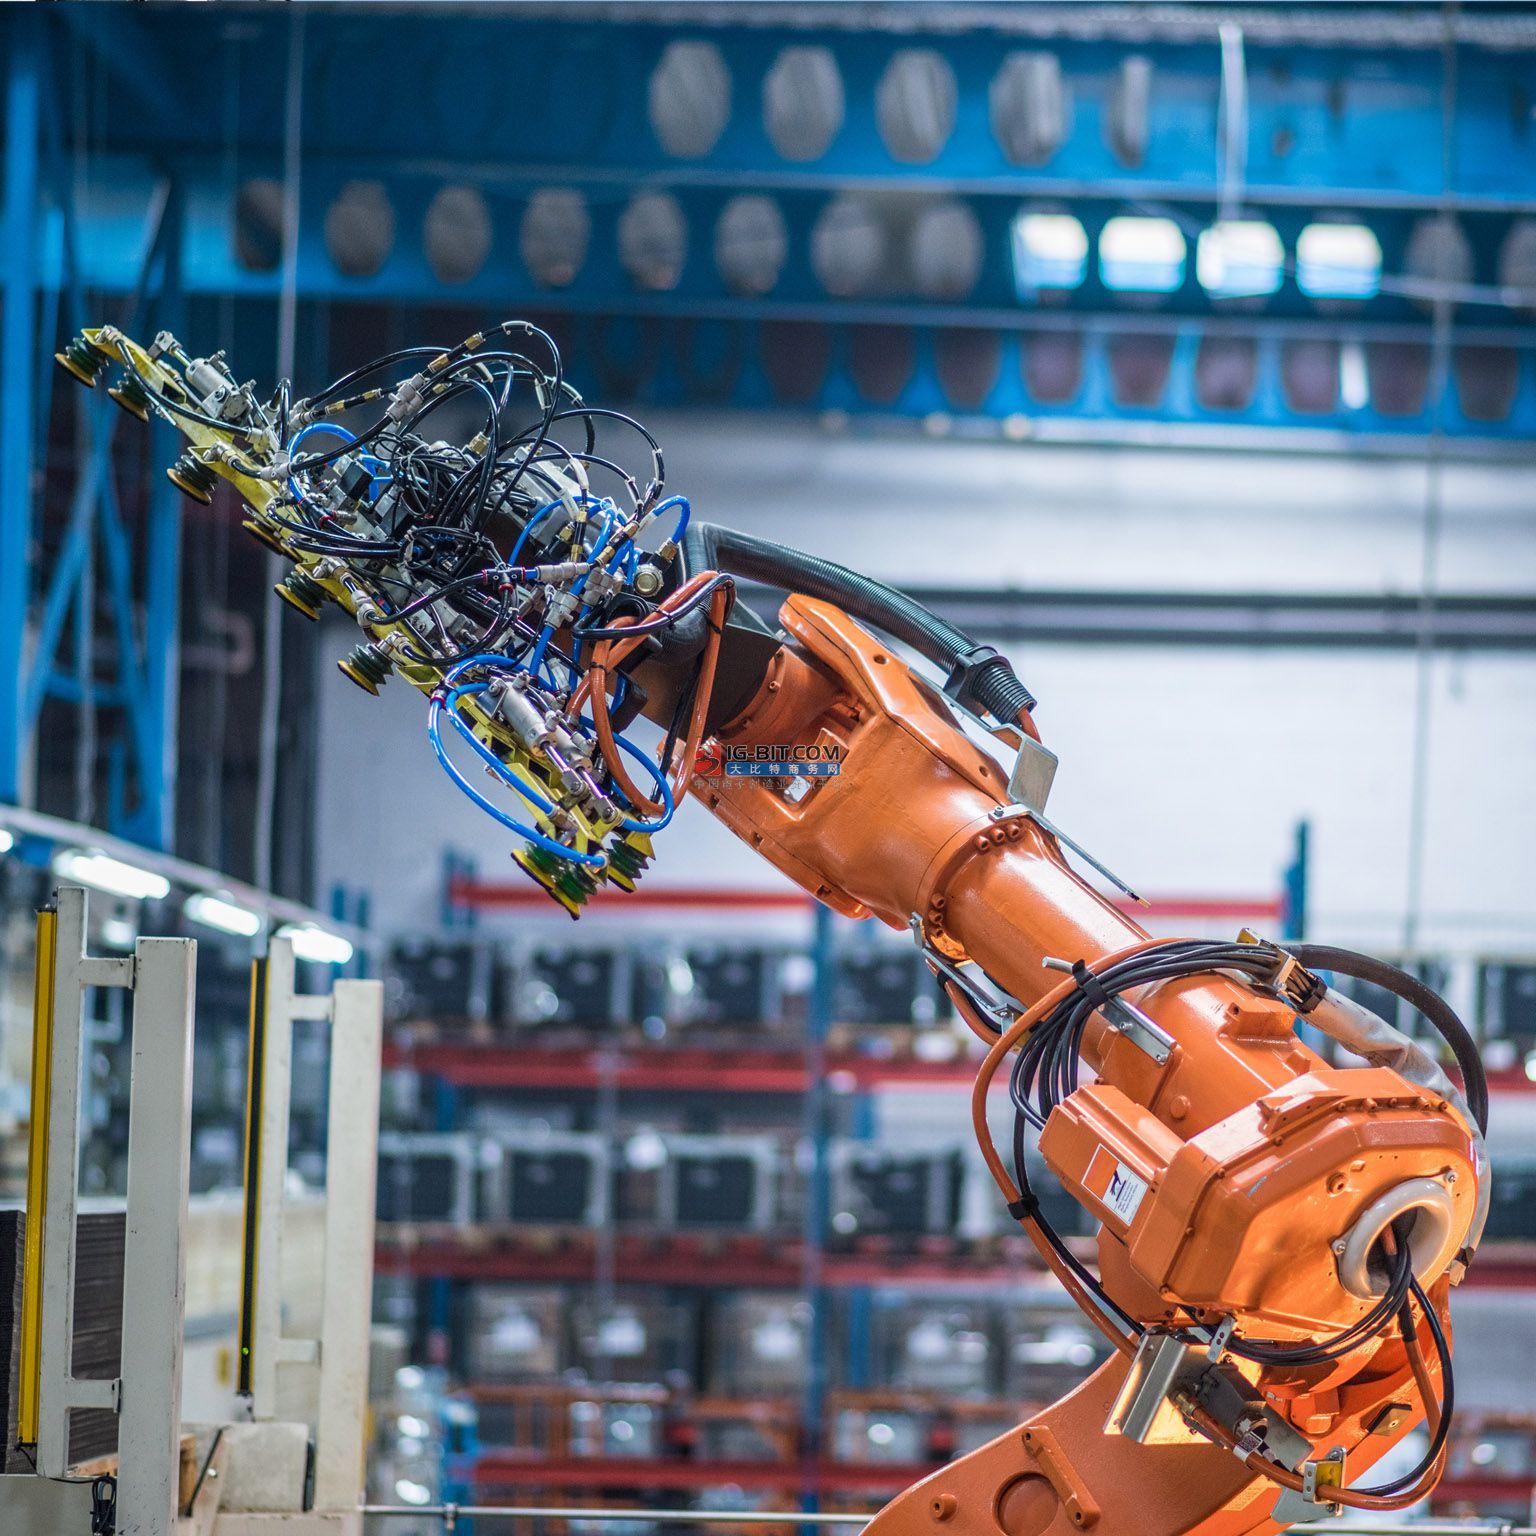 今年我国机器人市场有望突破700亿元